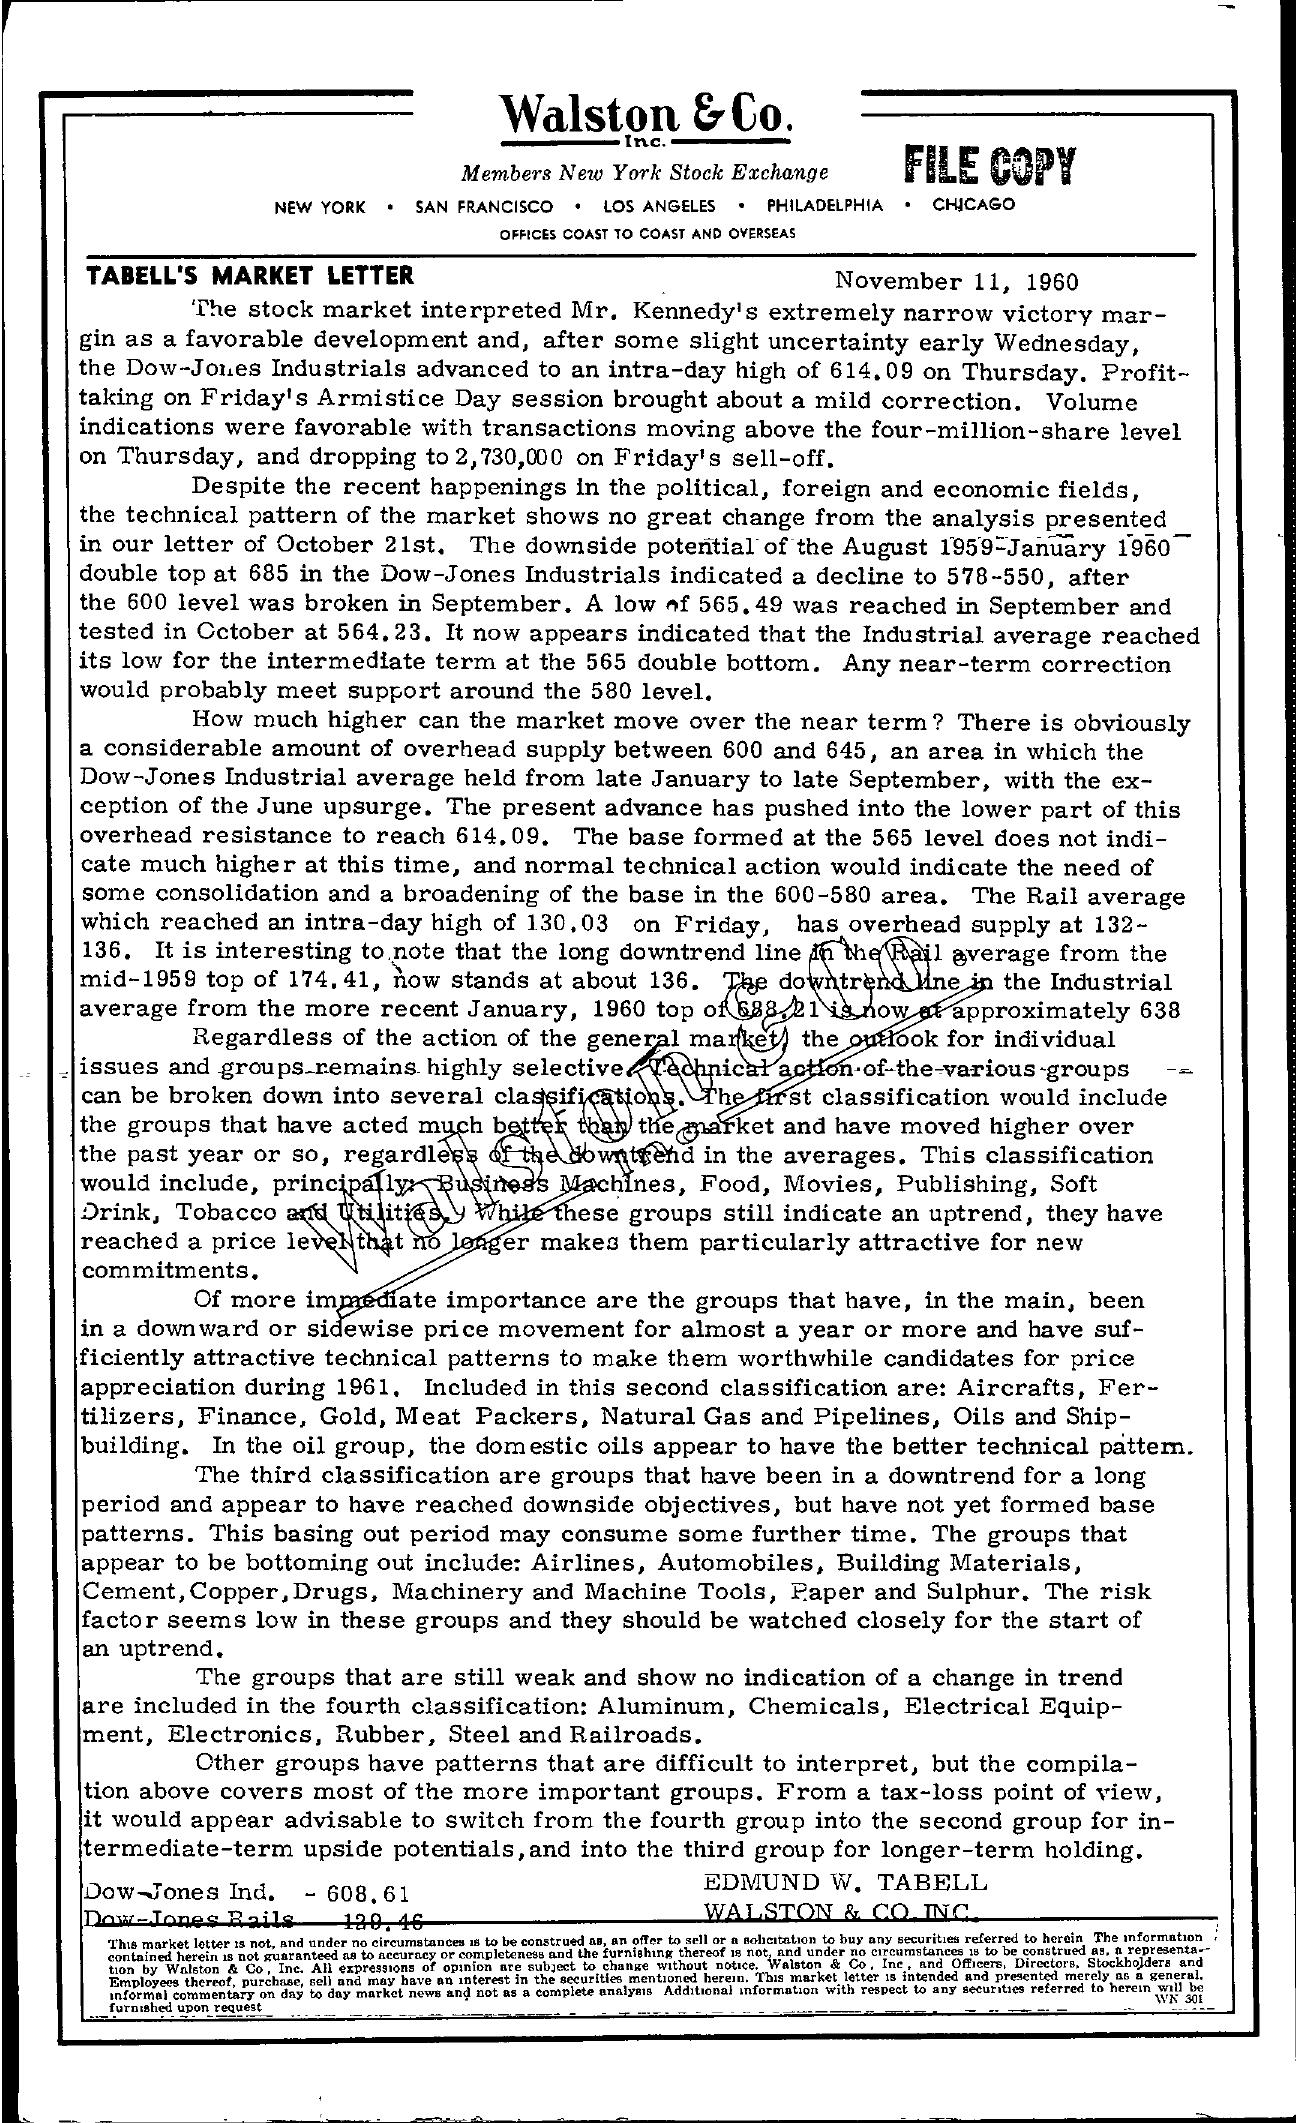 Tabell's Market Letter - November 11, 1960